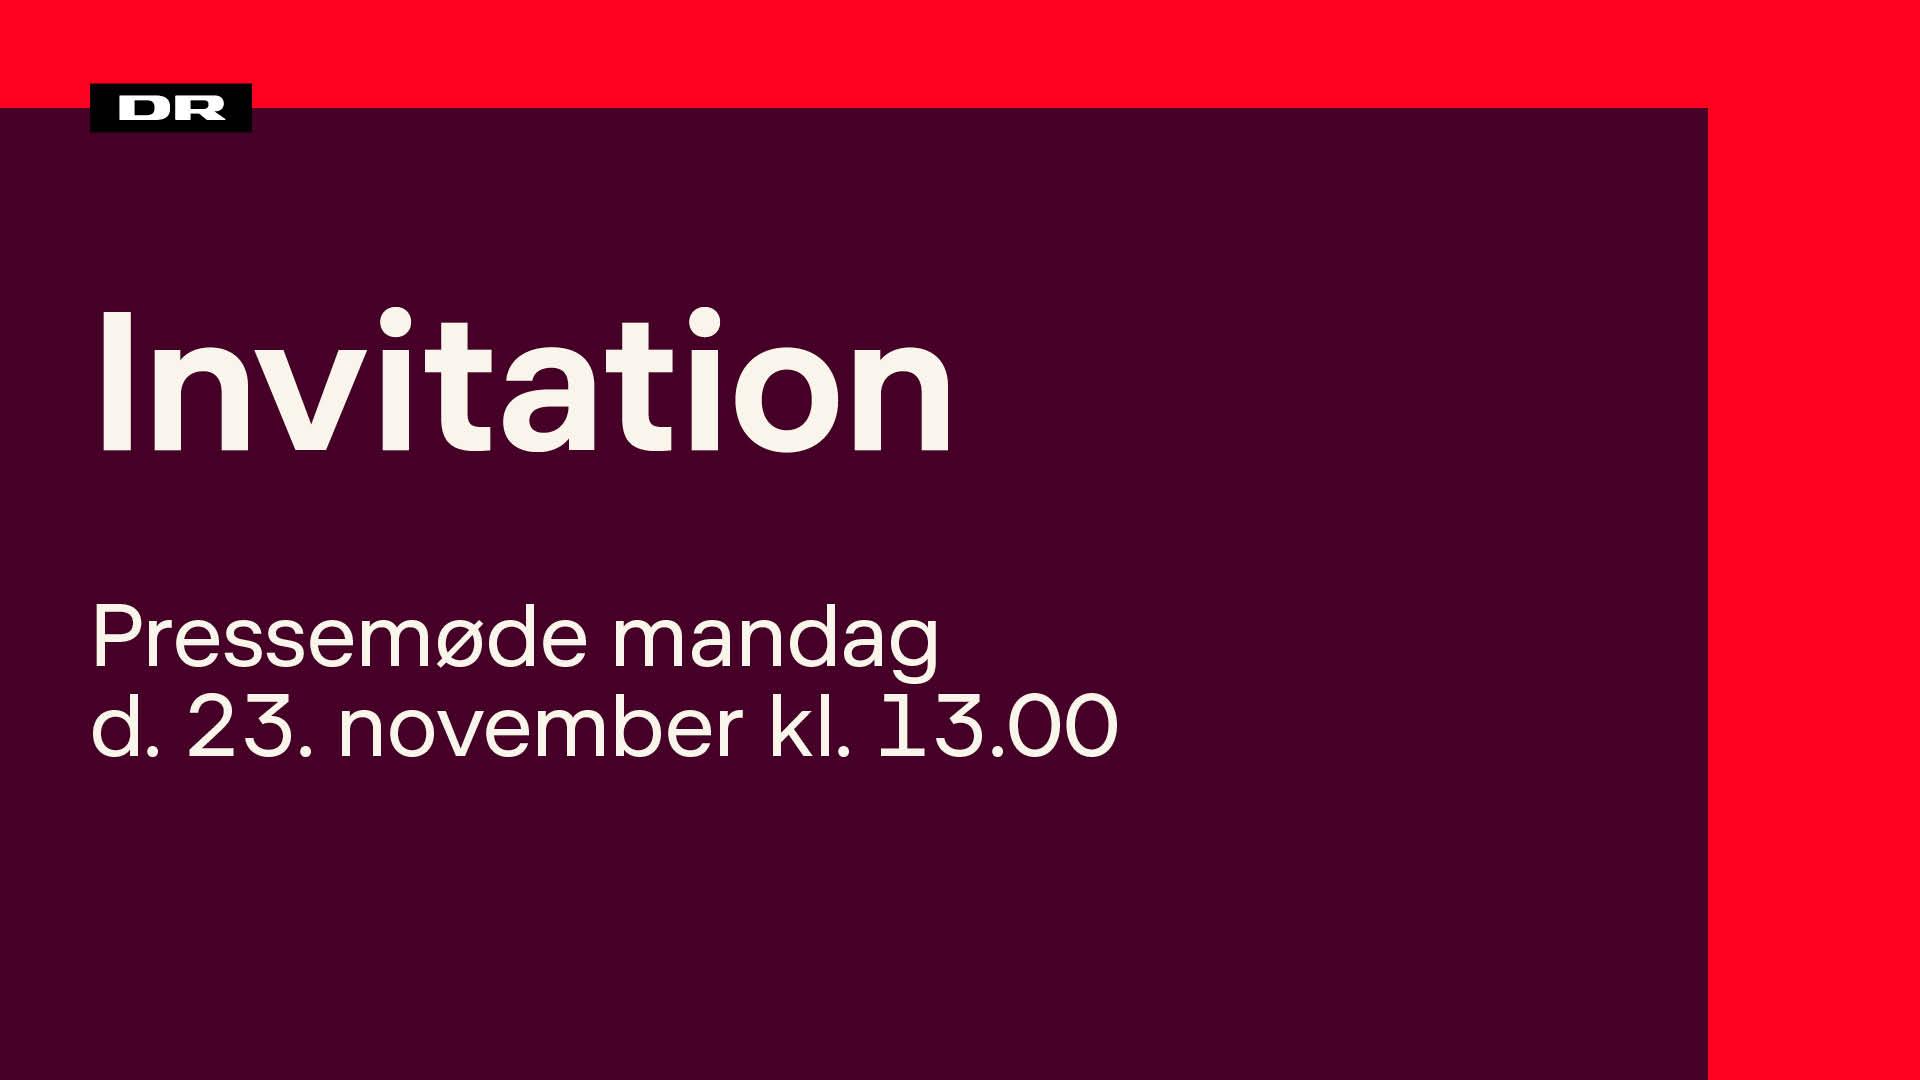 16.9_invitation_tekst_opdt.jpg